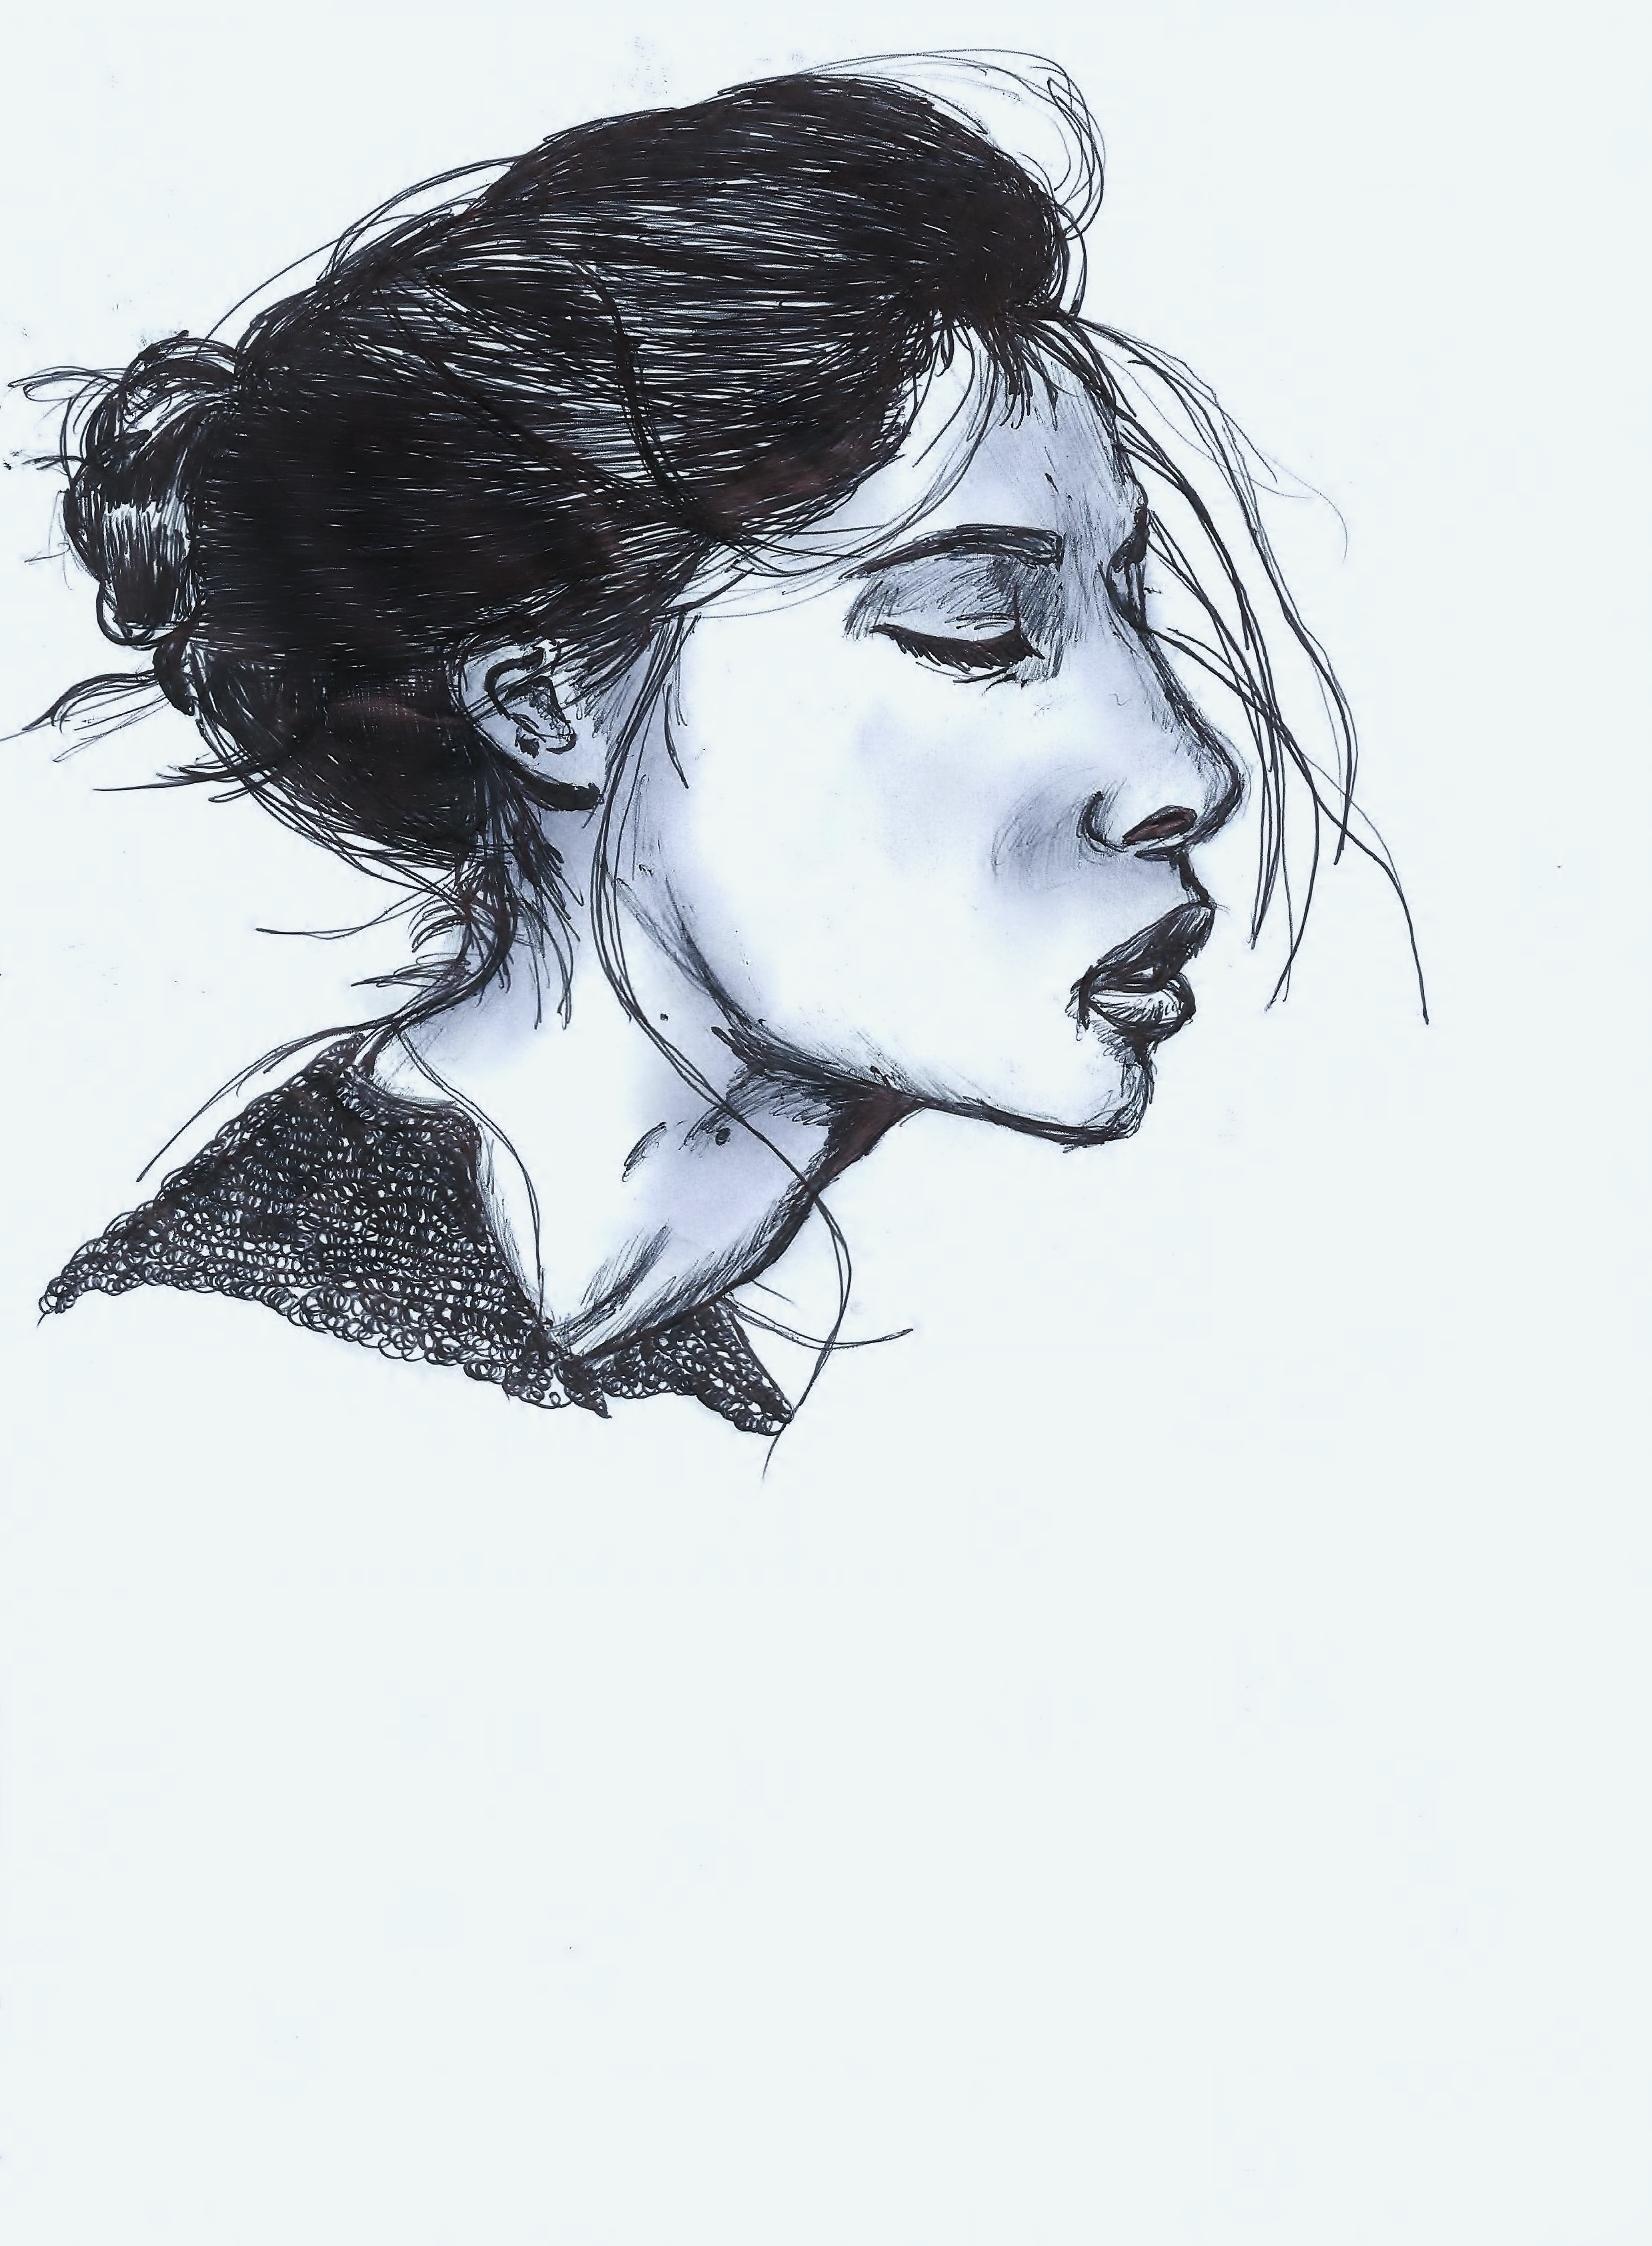 Sketch, 2015